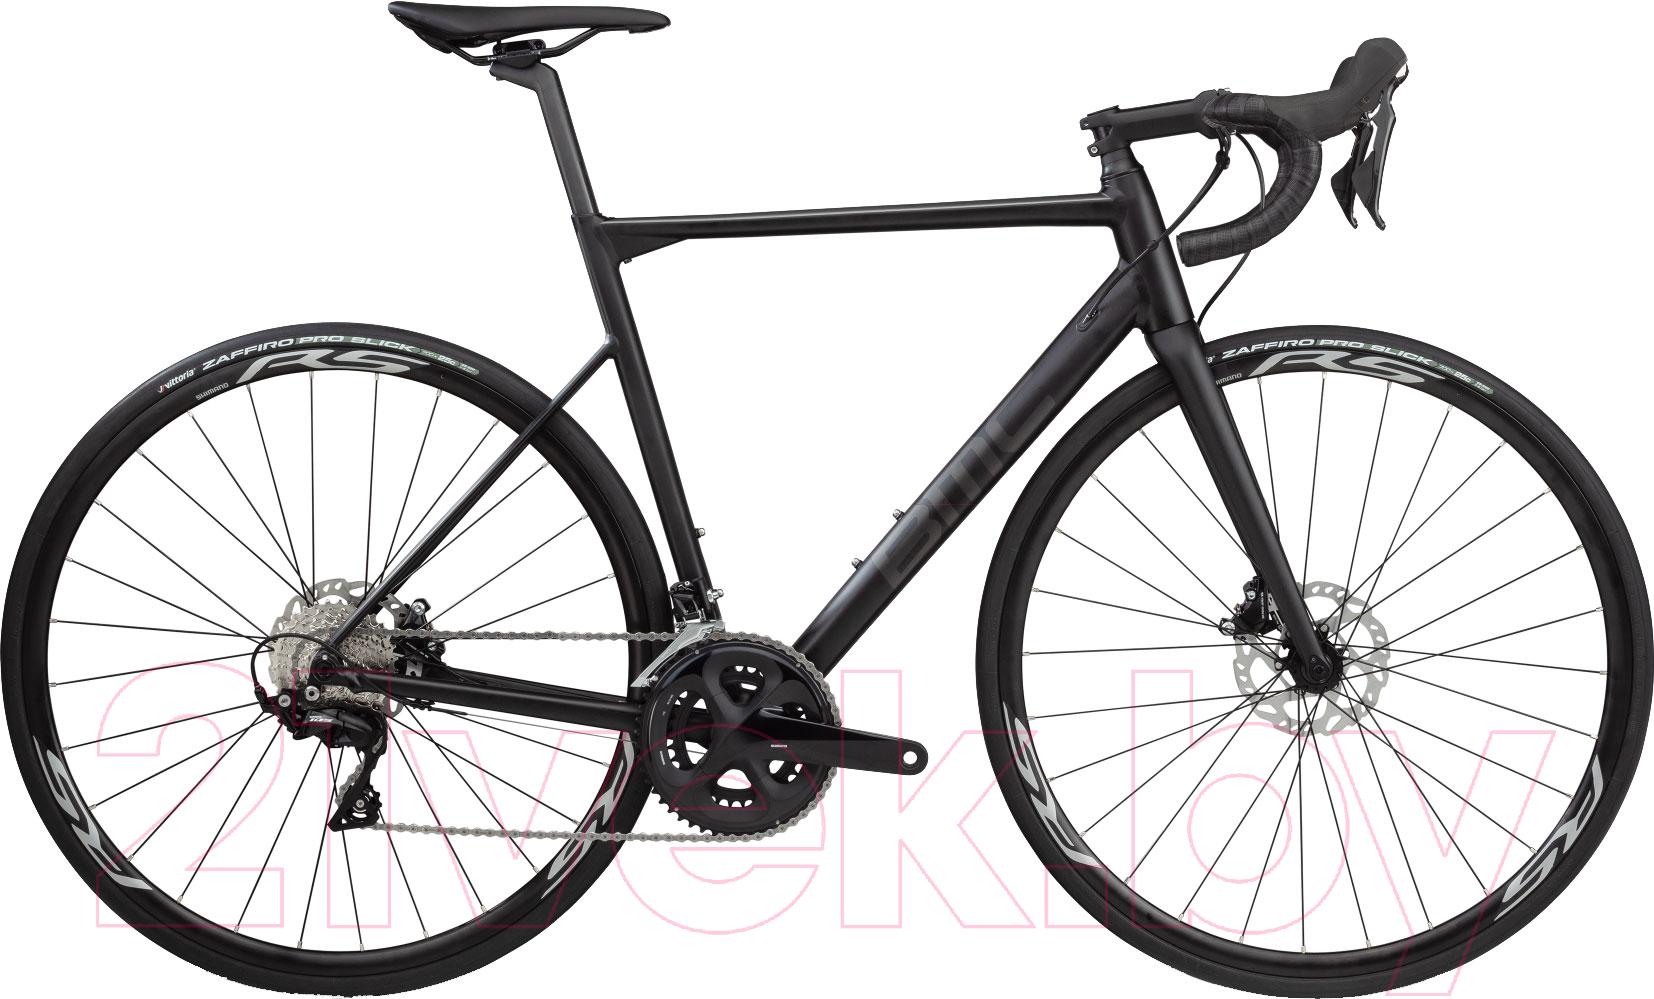 Купить Велосипед BMC, Teammachine ALR Disc One 105 2019 / ALRDiscOn (51, черный/серый/серый), Швейцария